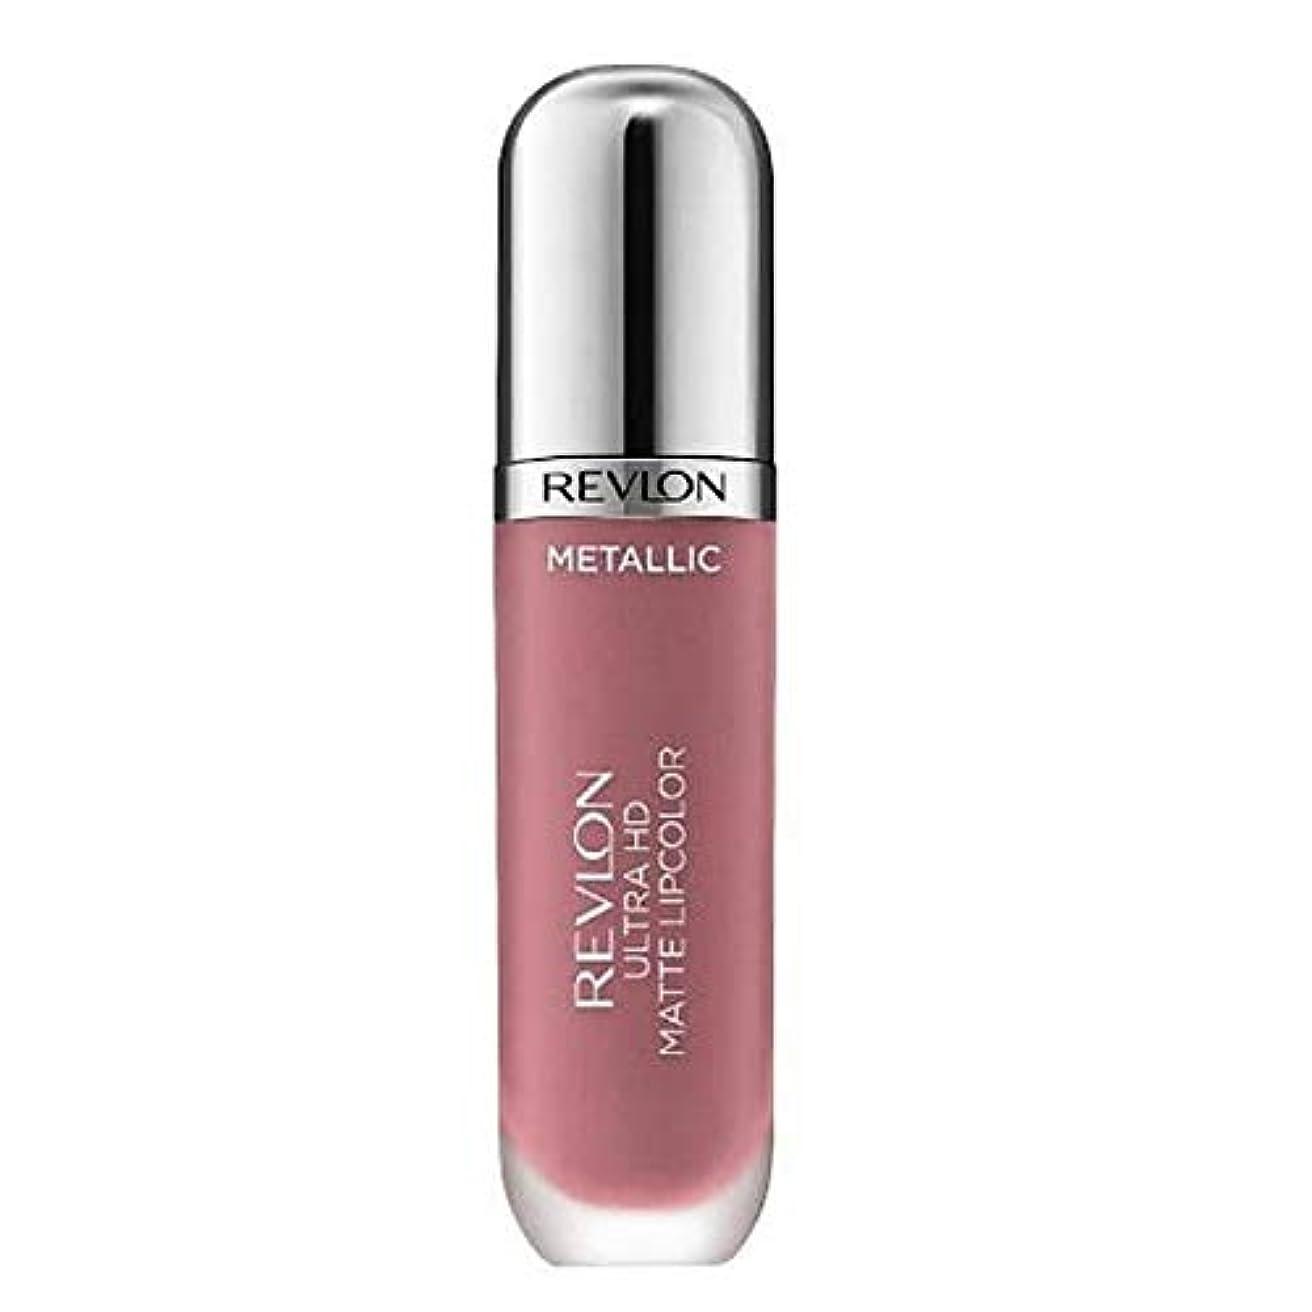 シンジケート敬意デイジー[Revlon ] レブロンウルトラHdマットメタリックリップグラム - Revlon Ultra HD Matte Metallic Lip Glam [並行輸入品]